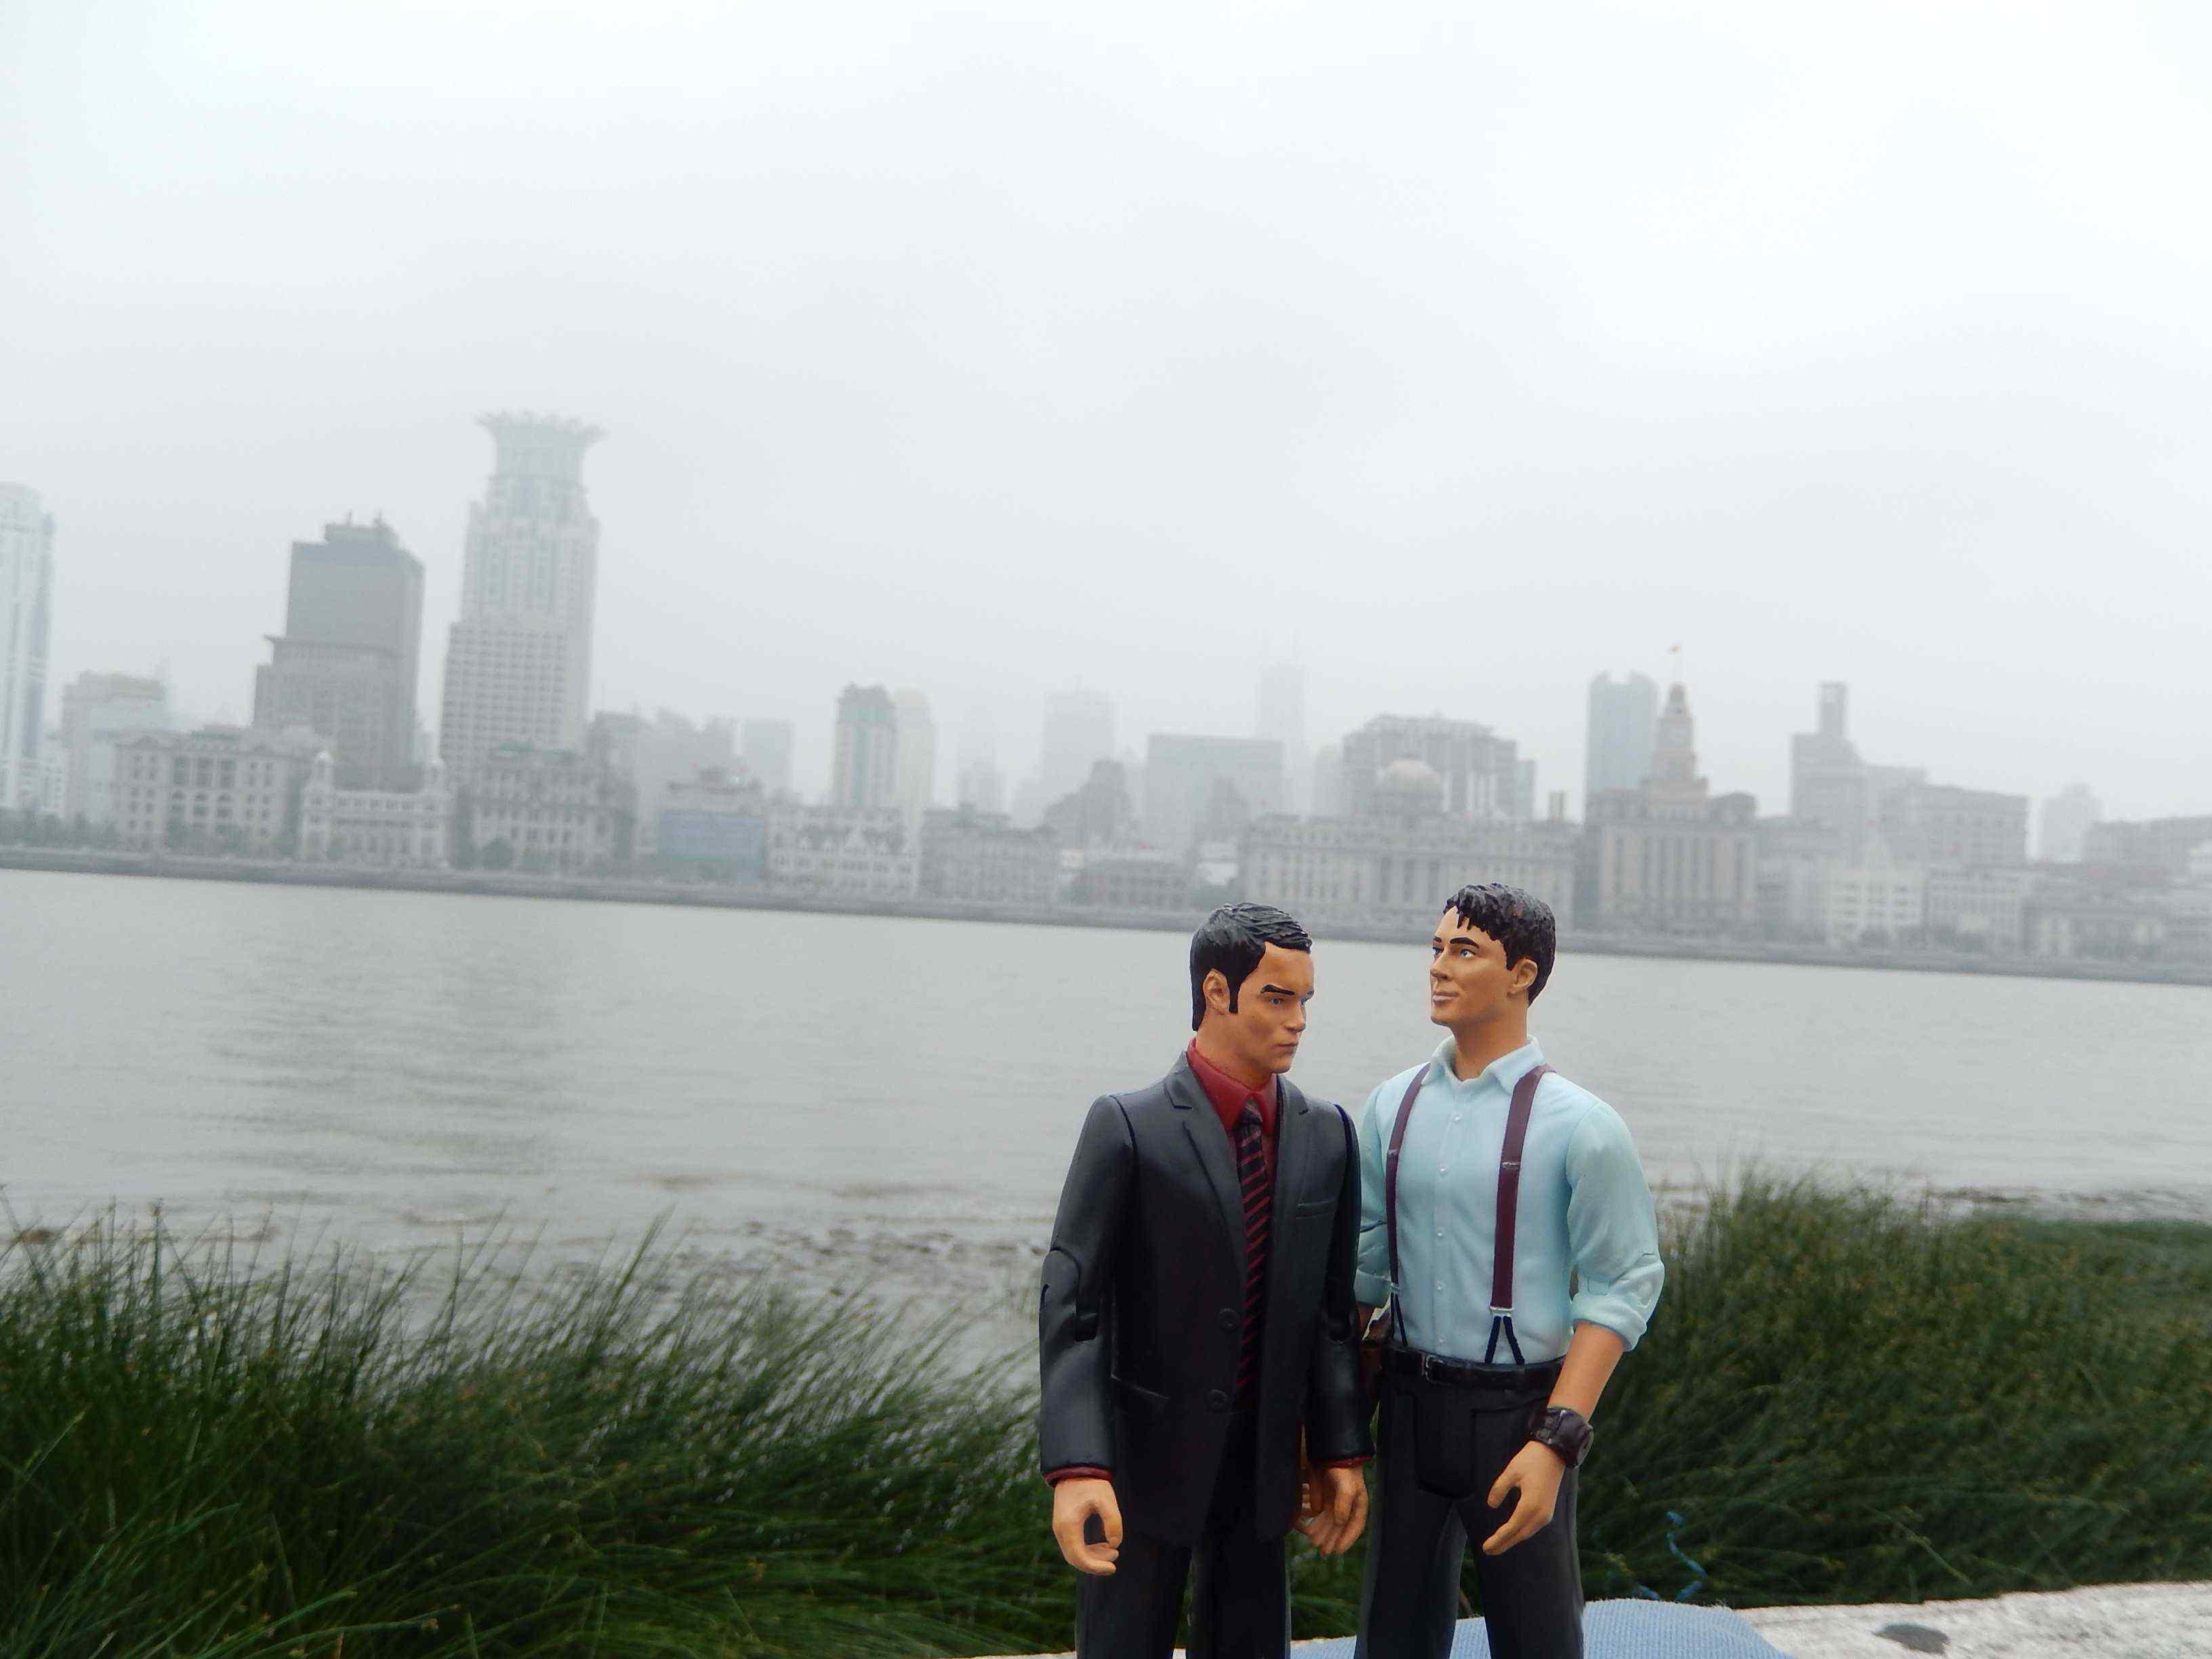 2013.06.20 - 01 - Shanghai